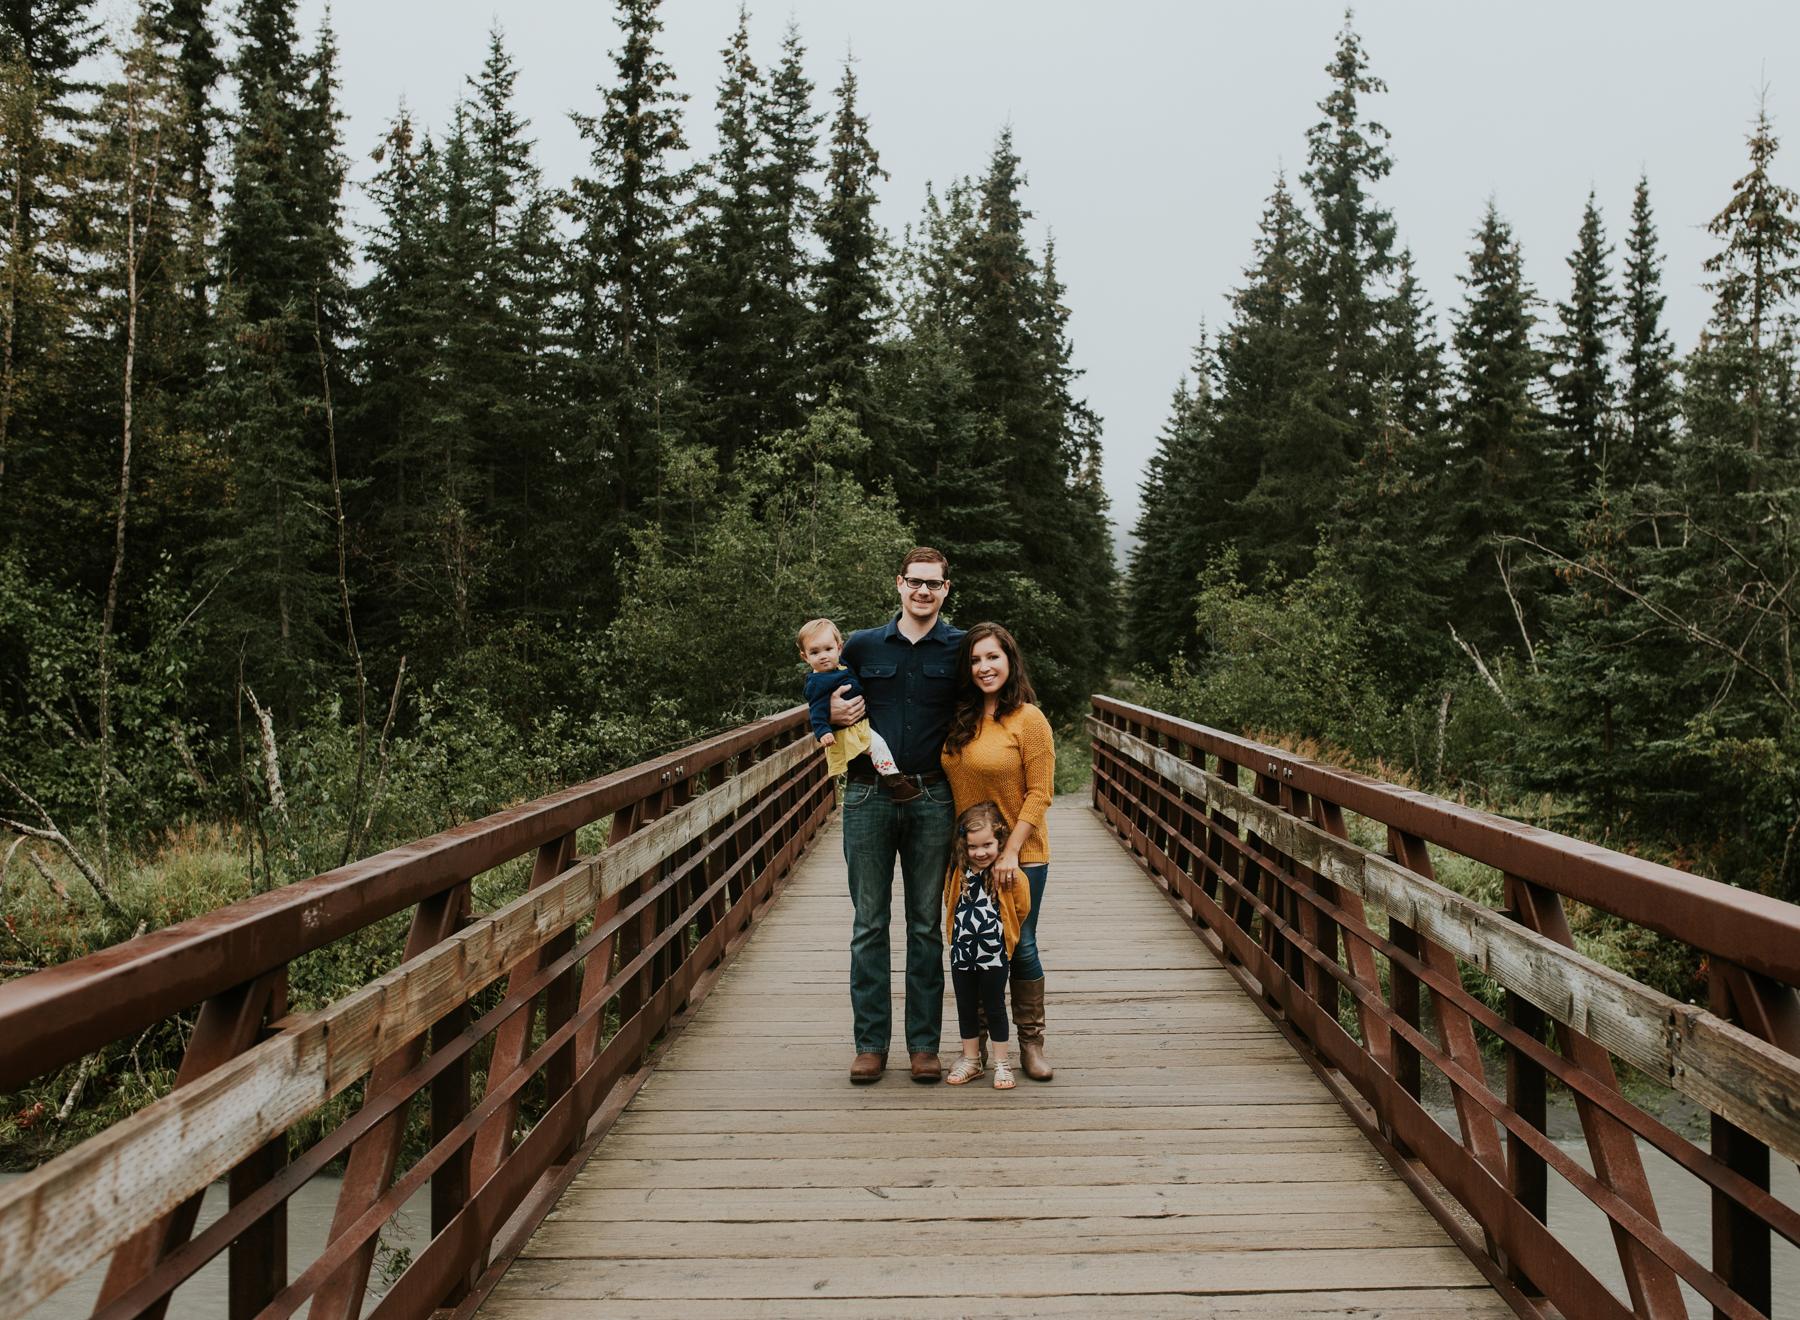 4eagleriveralaskafamilyphotographer.jpg